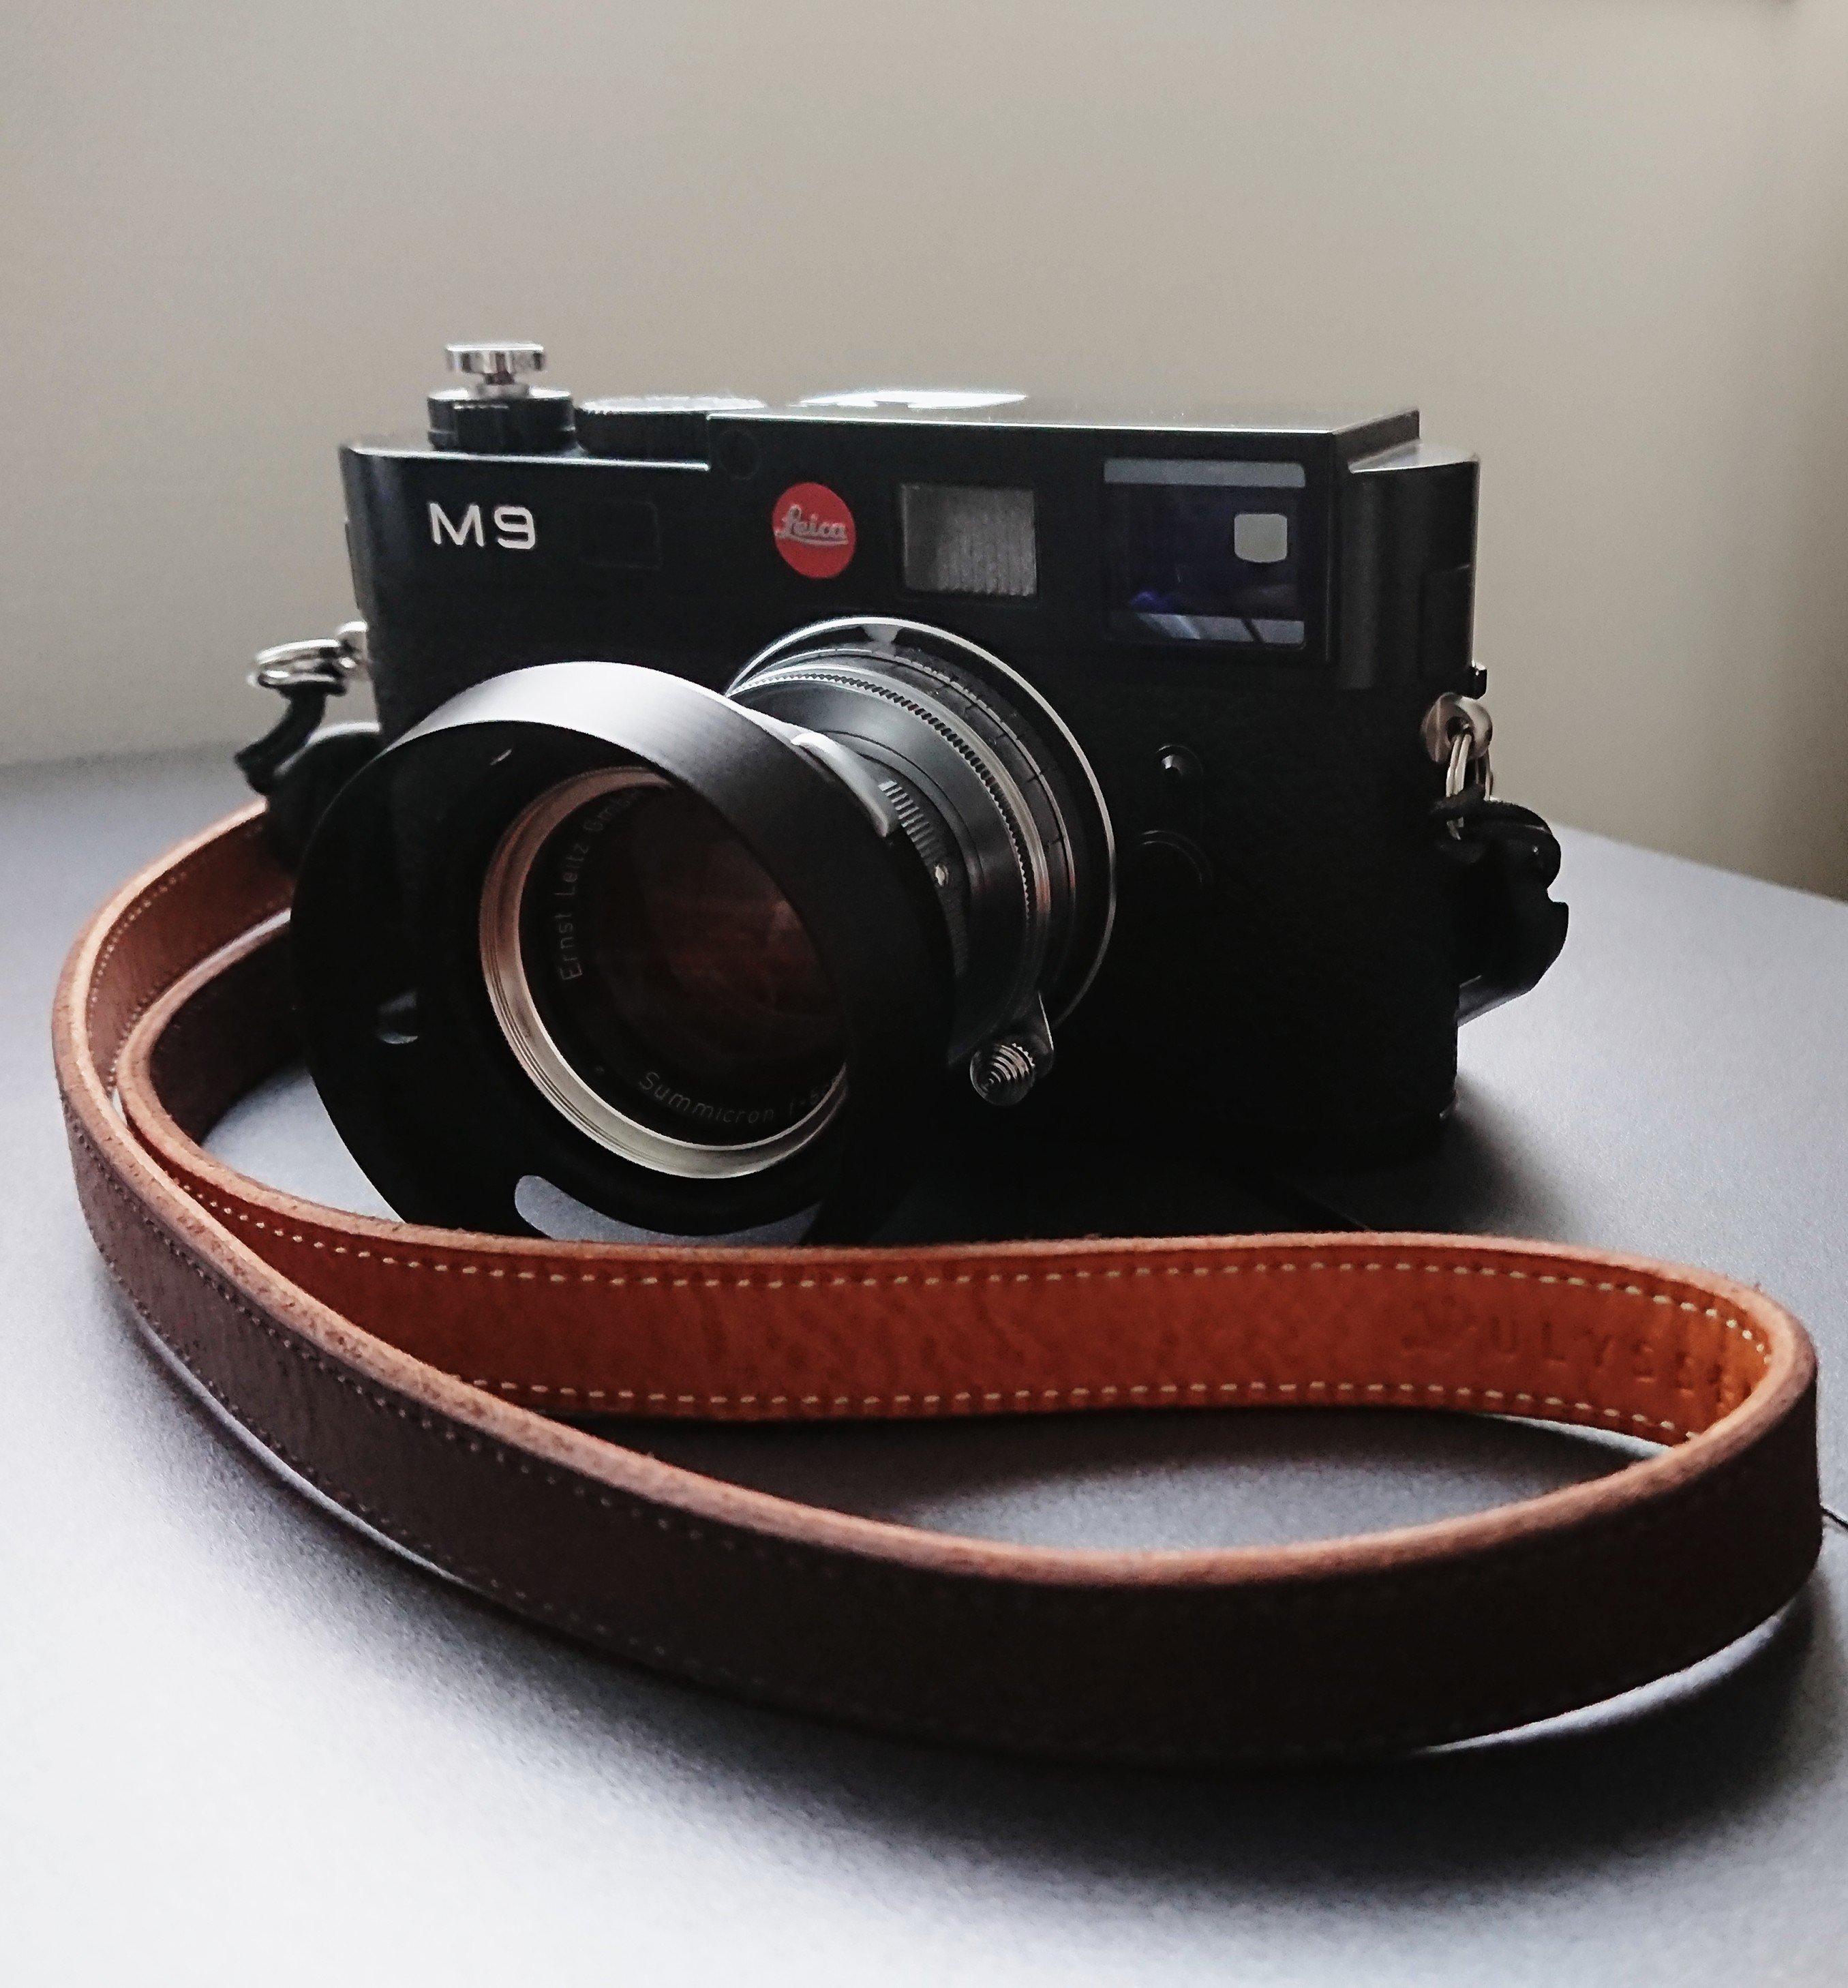 Leica M9が来て3ヶ月目の印象。デジタルライカとアラサー子連れ父との相性は…